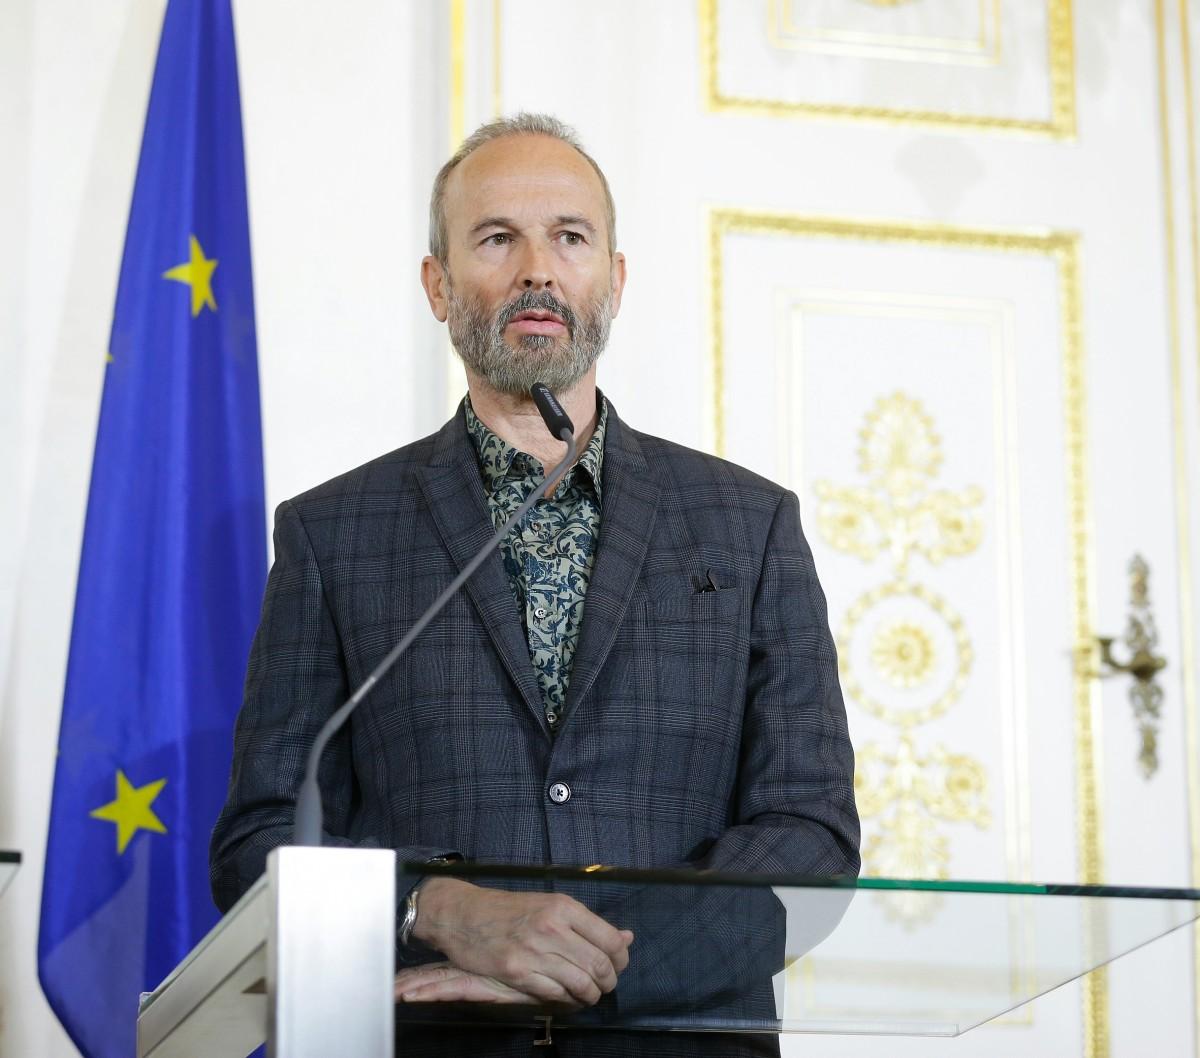 Am 1. April 2016 stellte Kunst- und Kultusminister Josef Ostermayer im Rahmen eine Pressekonferenz die Kommissärin und teilnehmende Künstlerinnen und Künstler für die 57. Kunstbiennale in Venedig vor. Im Bild Künstler Erwin Wurm.